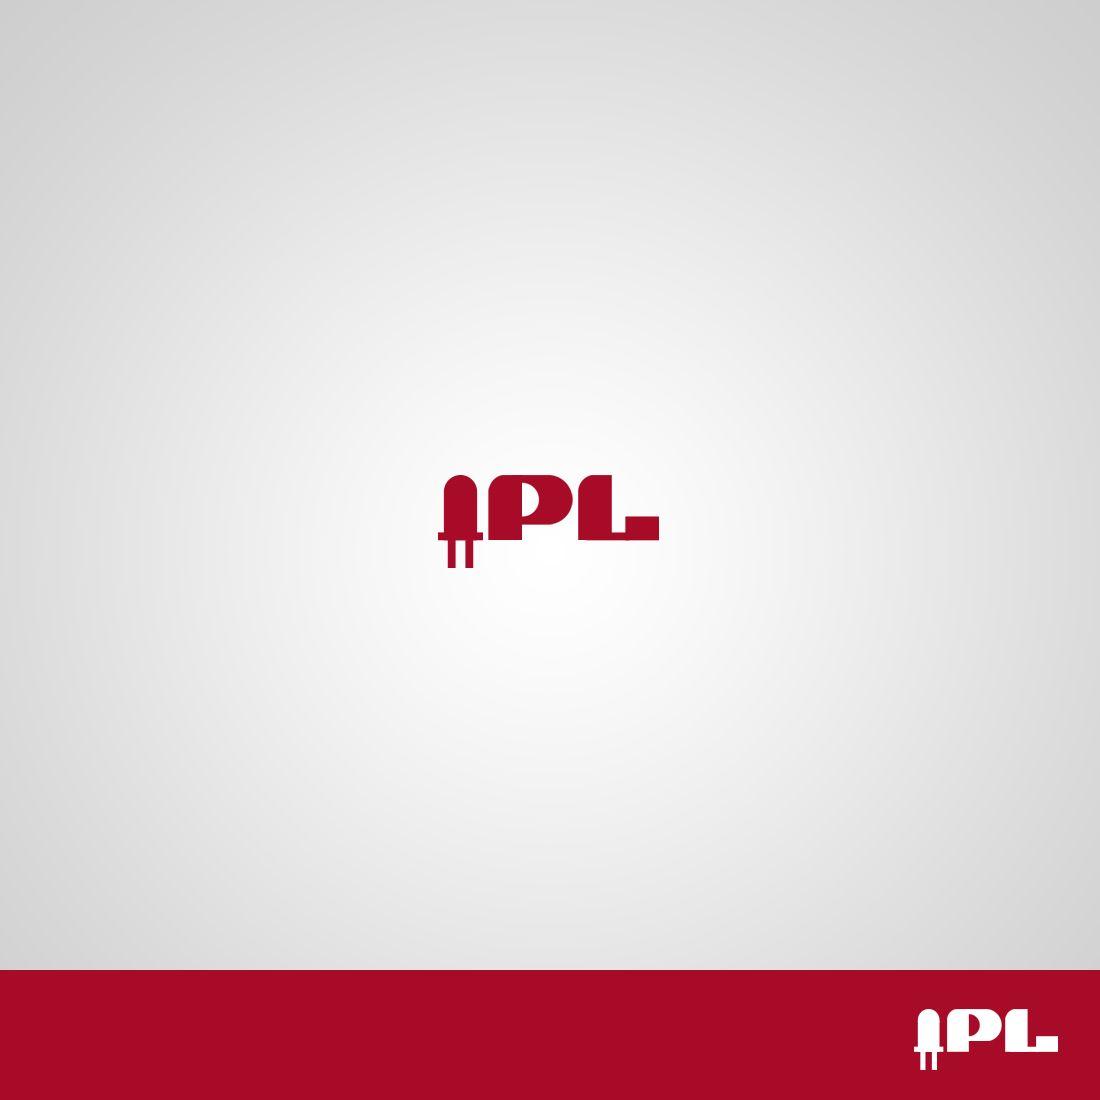 Логотип новой компаний IPL ELECTRIC  - дизайнер IIsixo_O